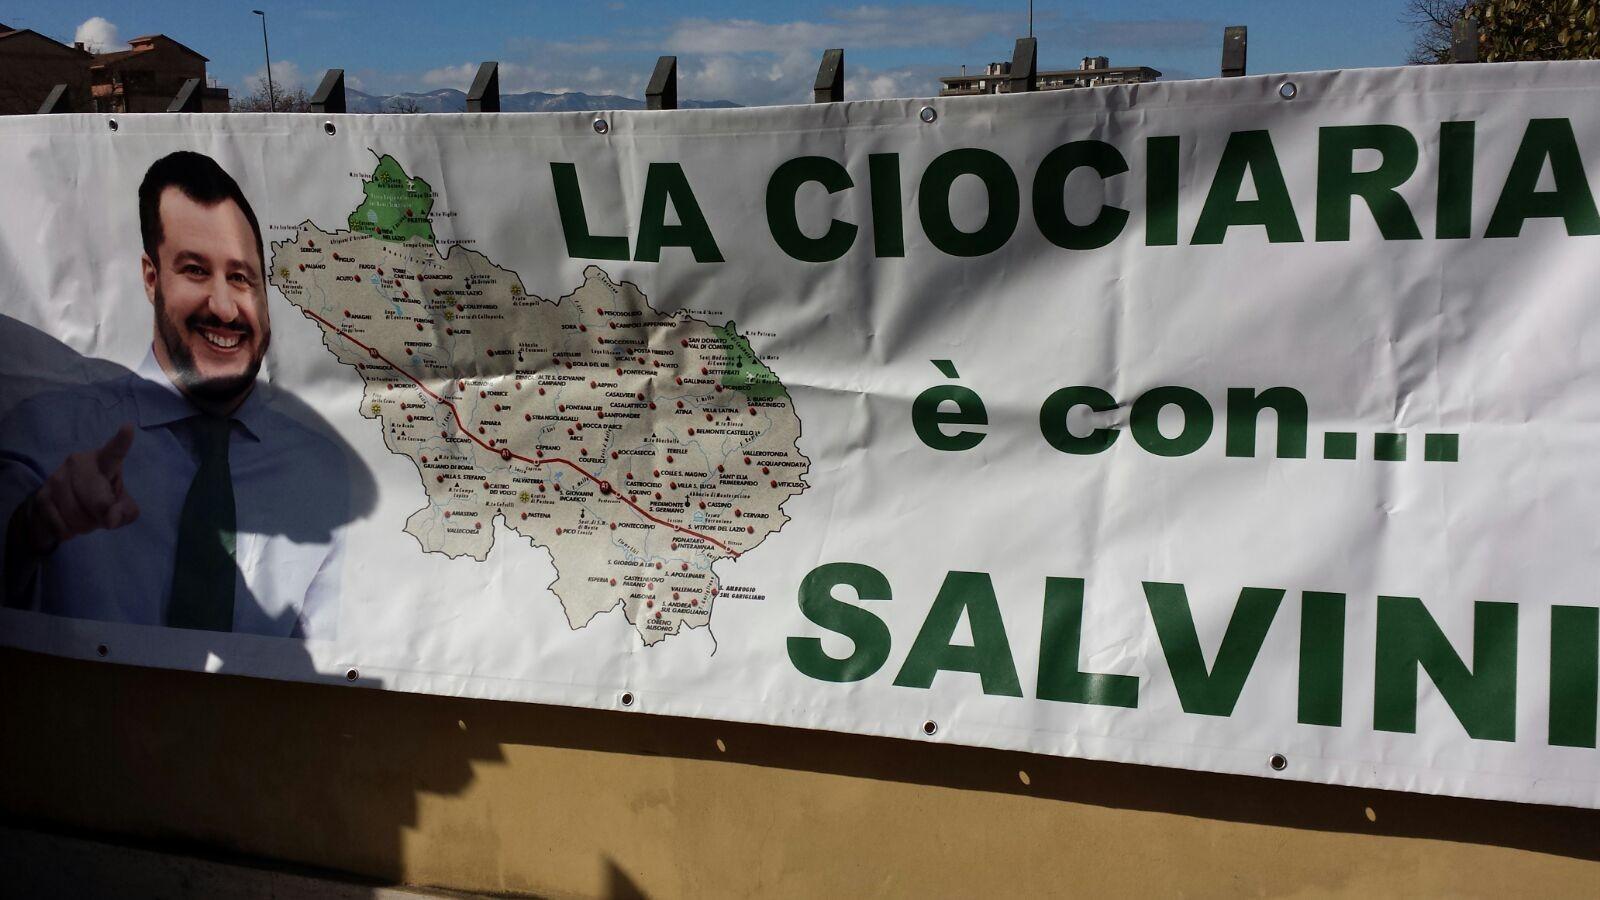 La Lega Salvini sannit perde il responsabile alla cultura